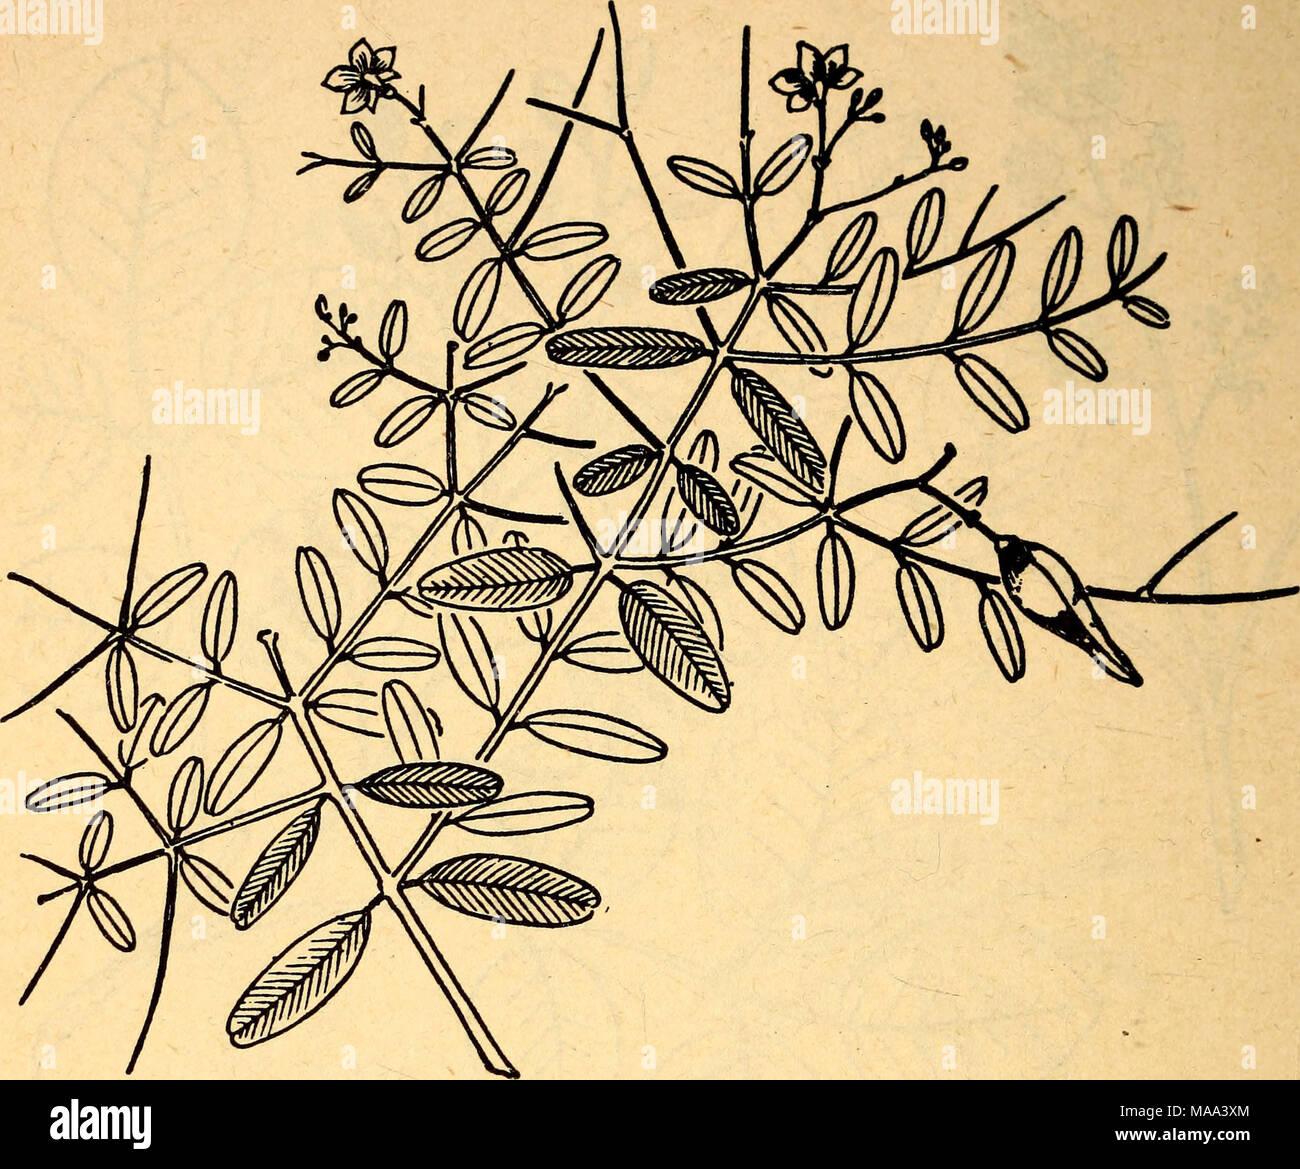 Albero Della Fortuna Pianta commestibili e piante velenose della regione dei caraibi